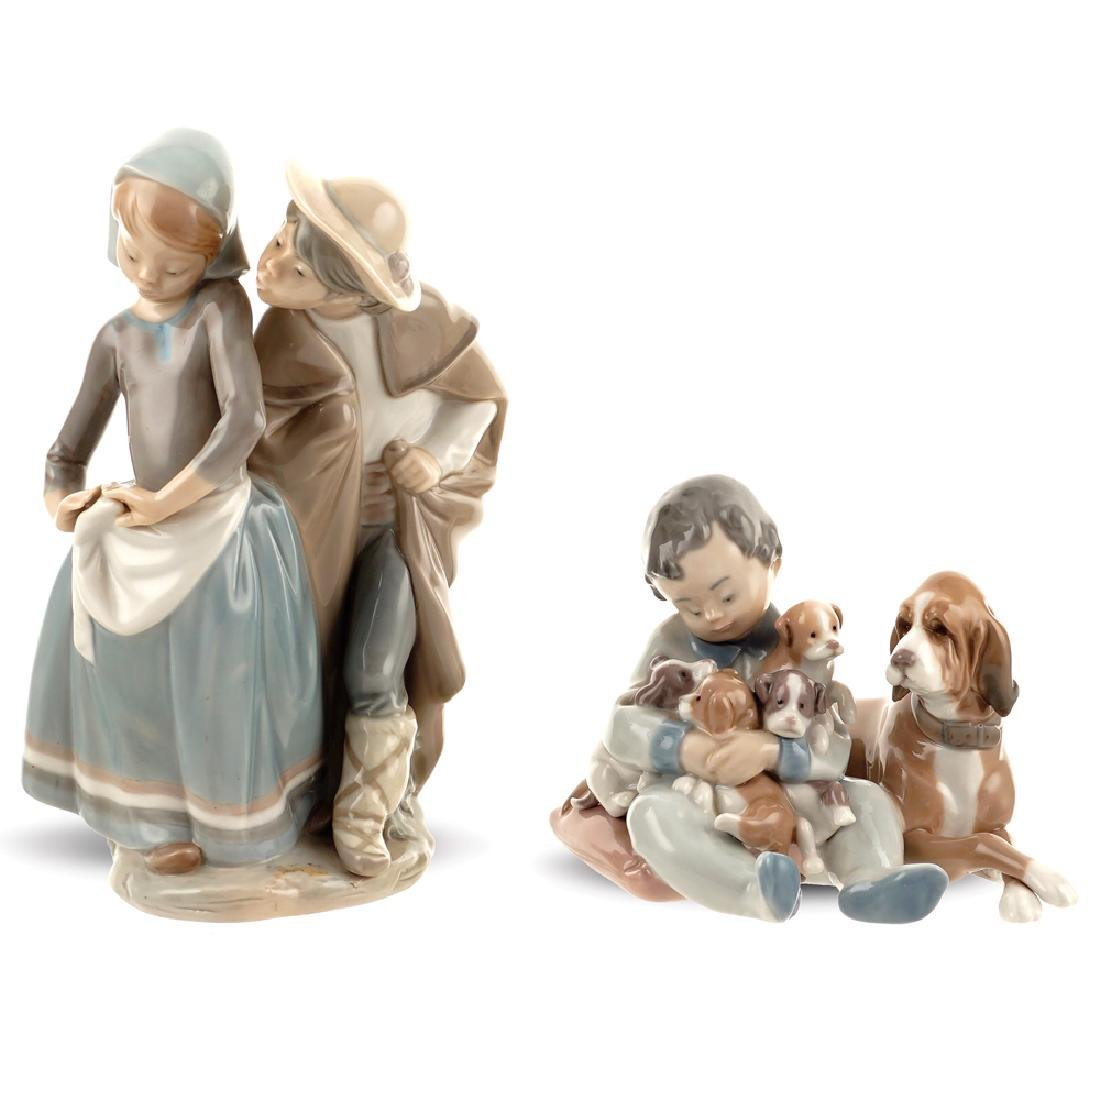 A pair of porcelain figures 20th century h. 14 cm. - 23